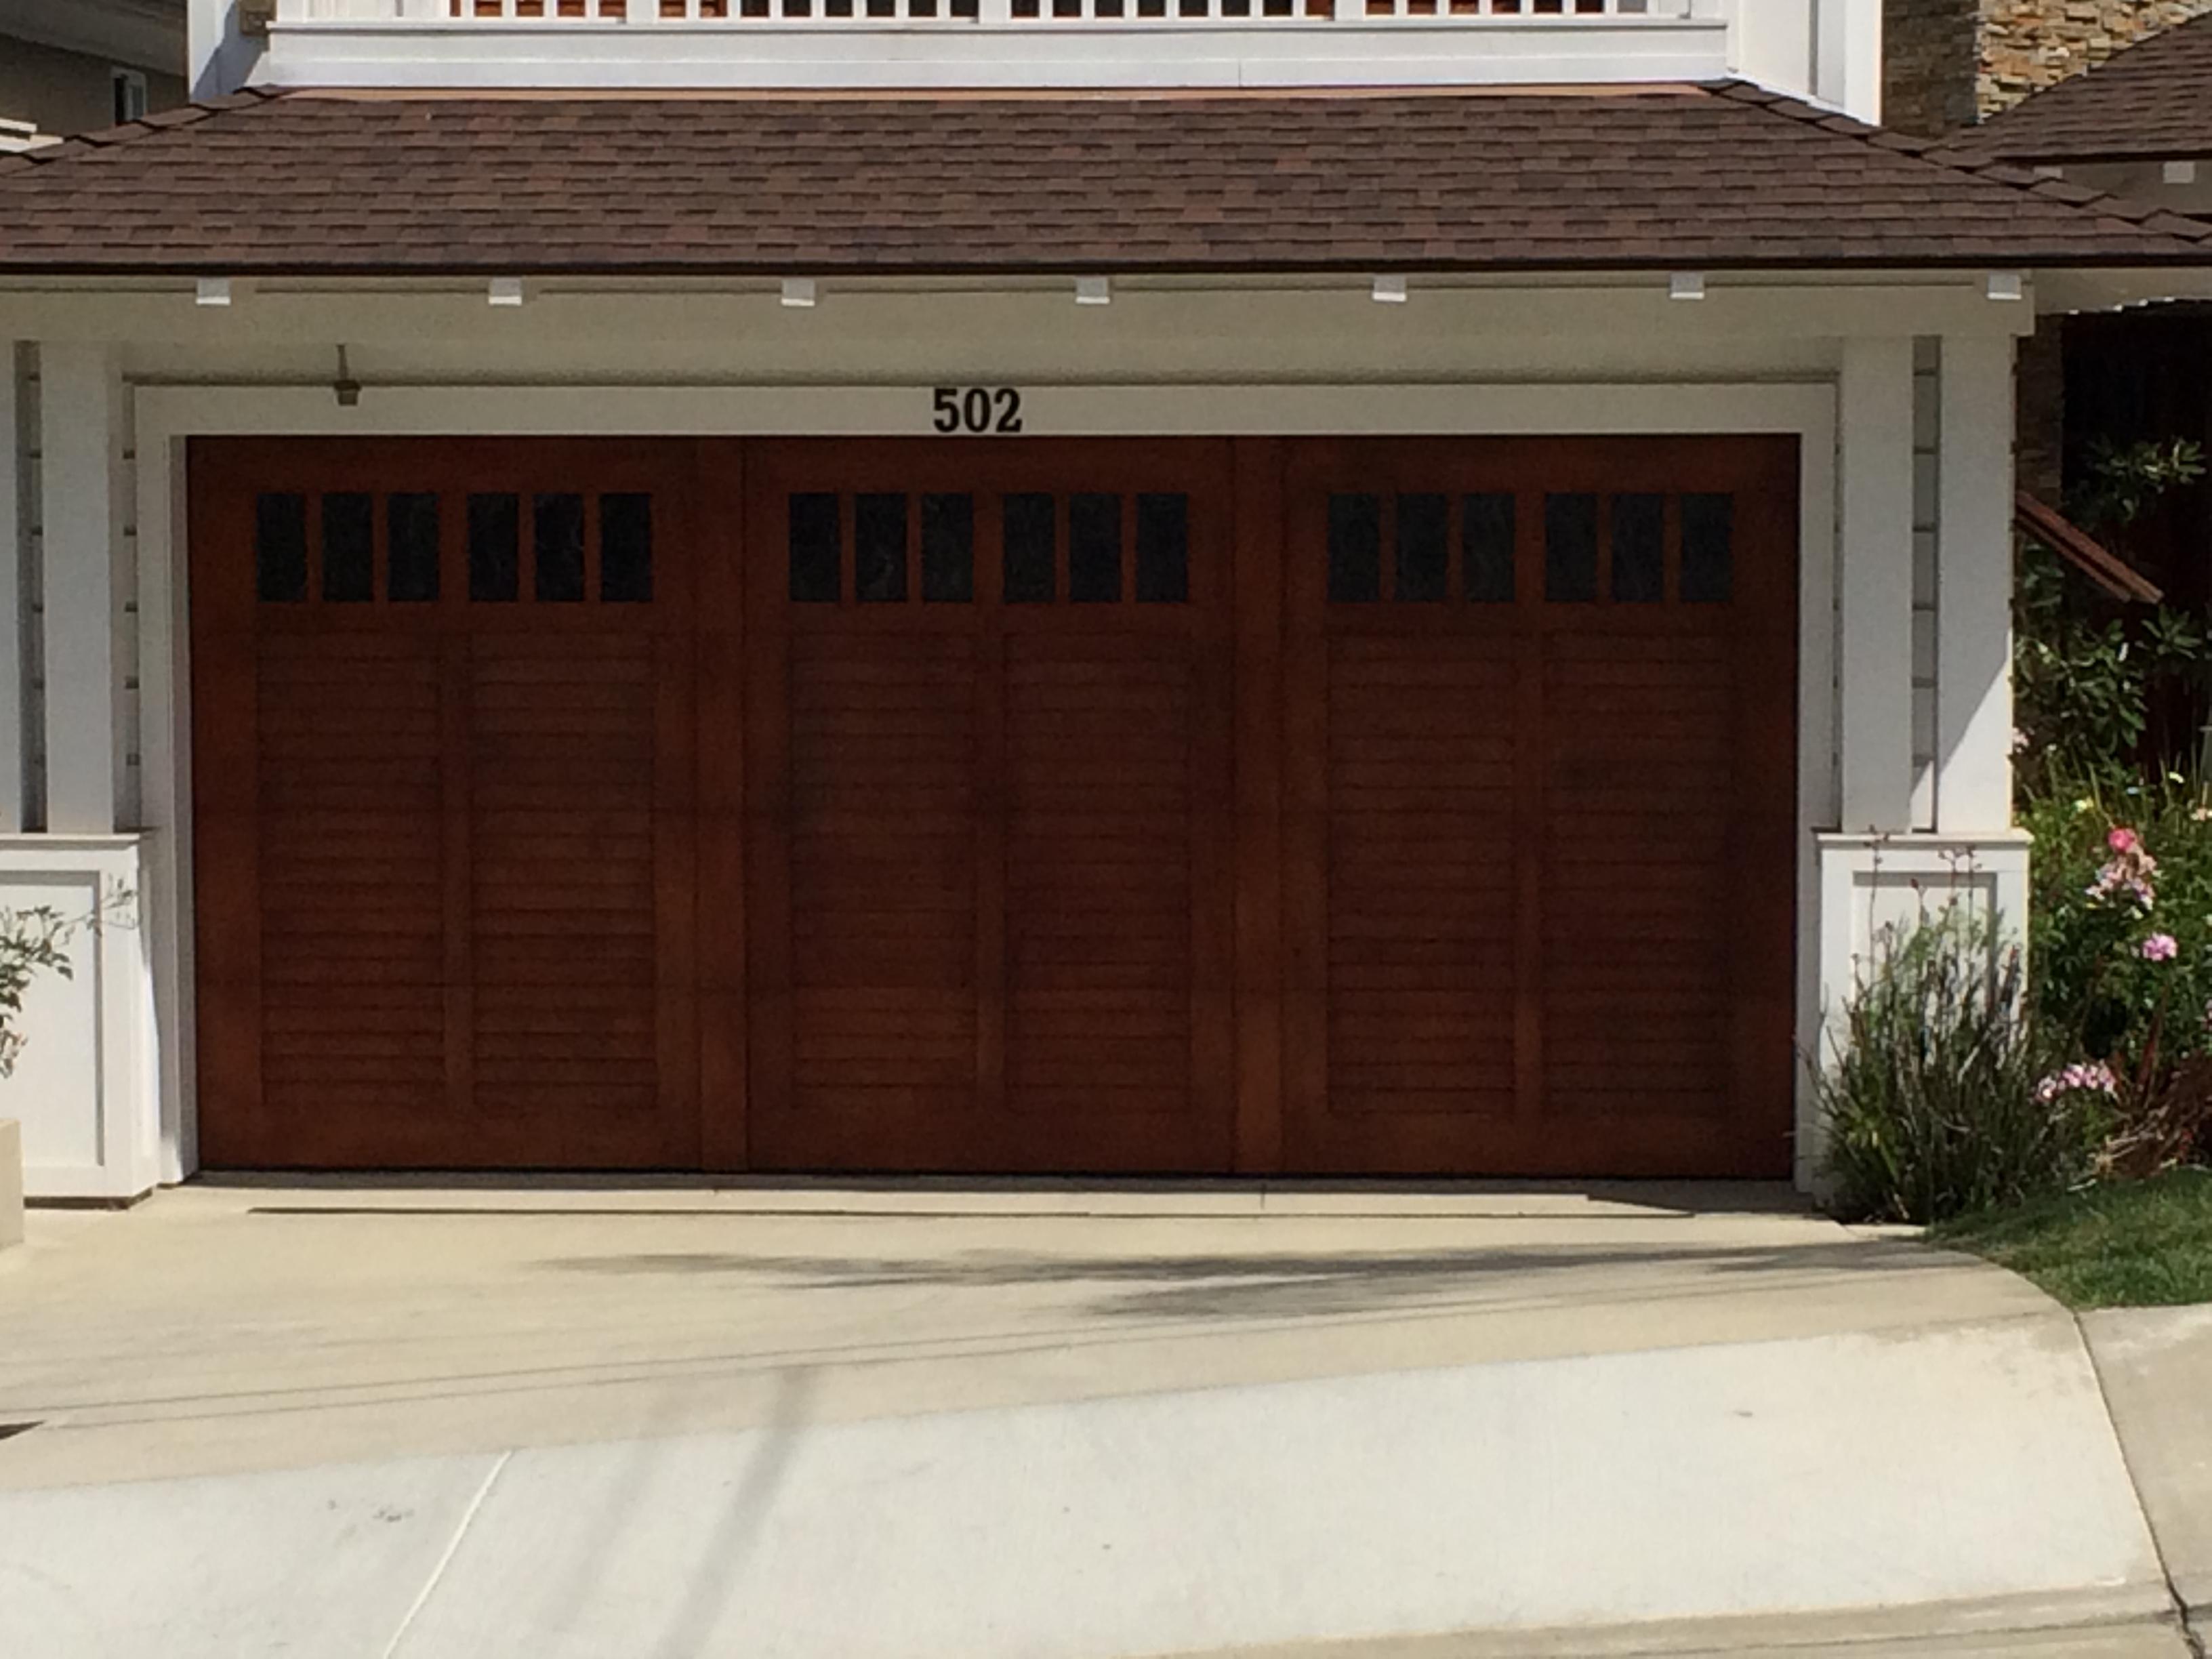 5h Garage Doors Garage Doors In Torrance Rancho Palos Verdes